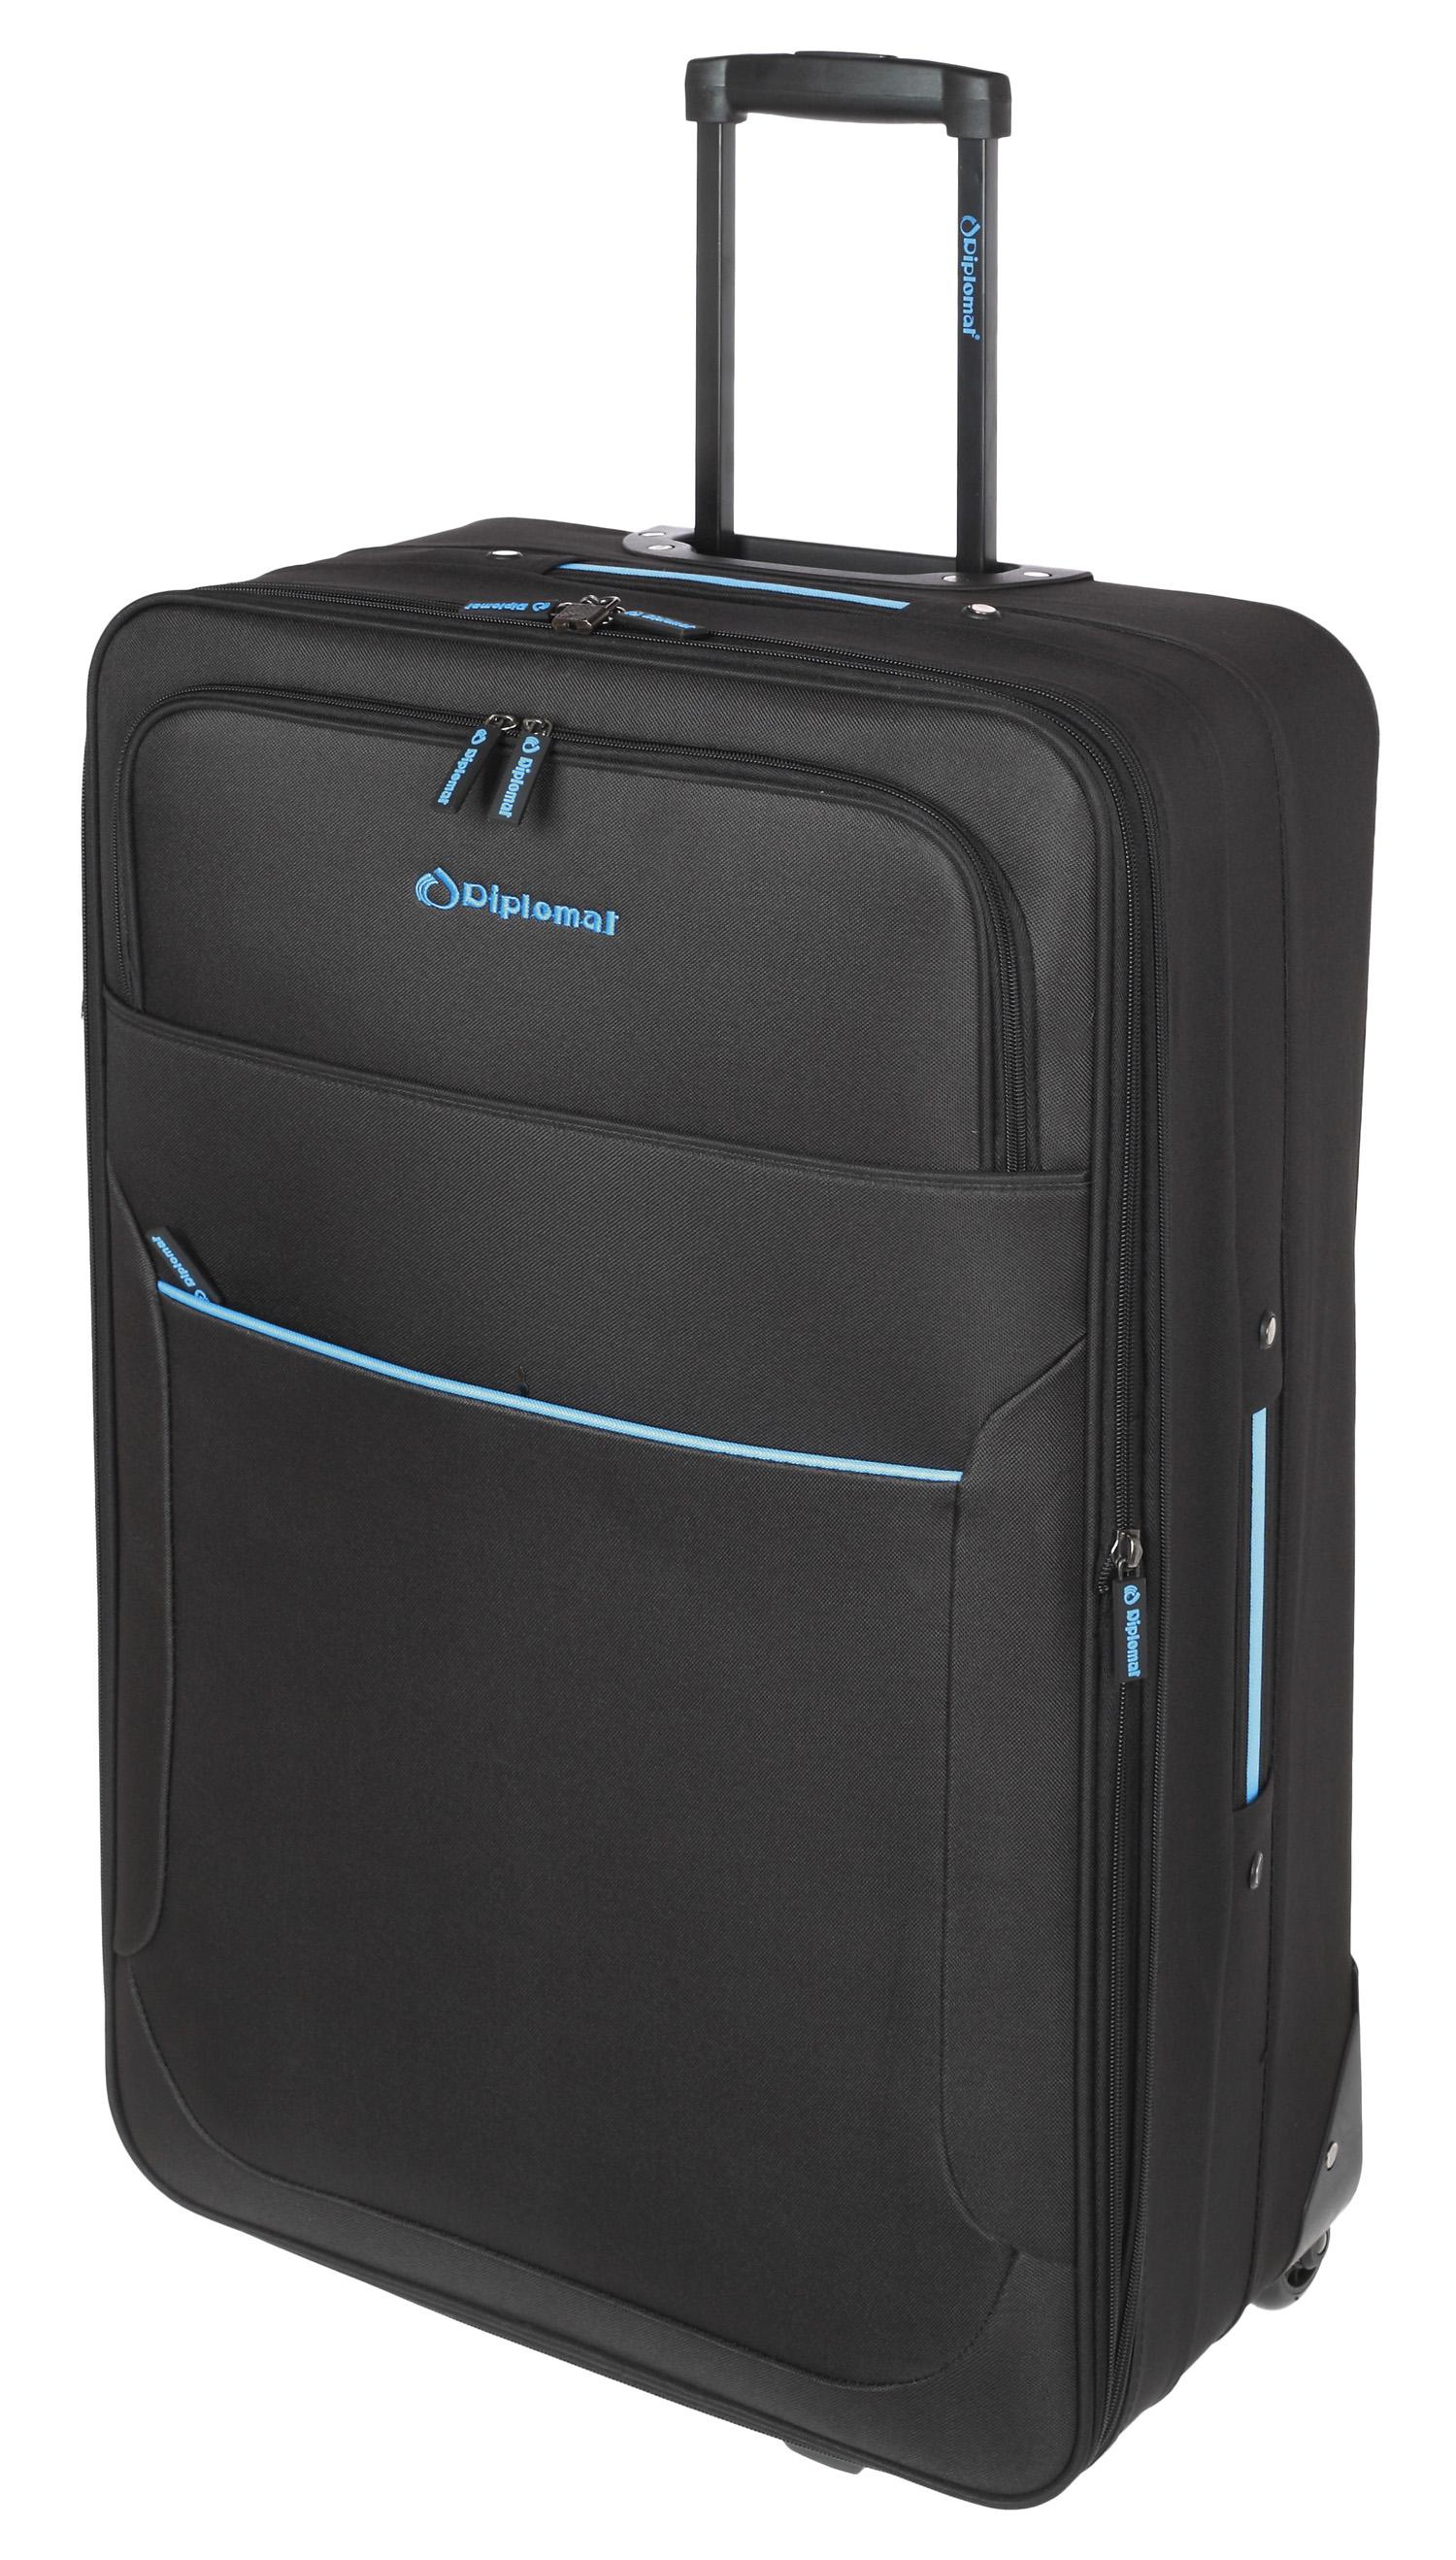 Βαλίτσα τρόλεϊ 71εκ. με Επέκταση Diplomat ZC 3001-71 Μαύρο ειδη ταξιδιου   βαλίτσες   βαλίτσες   βαλίτσες μεγάλες